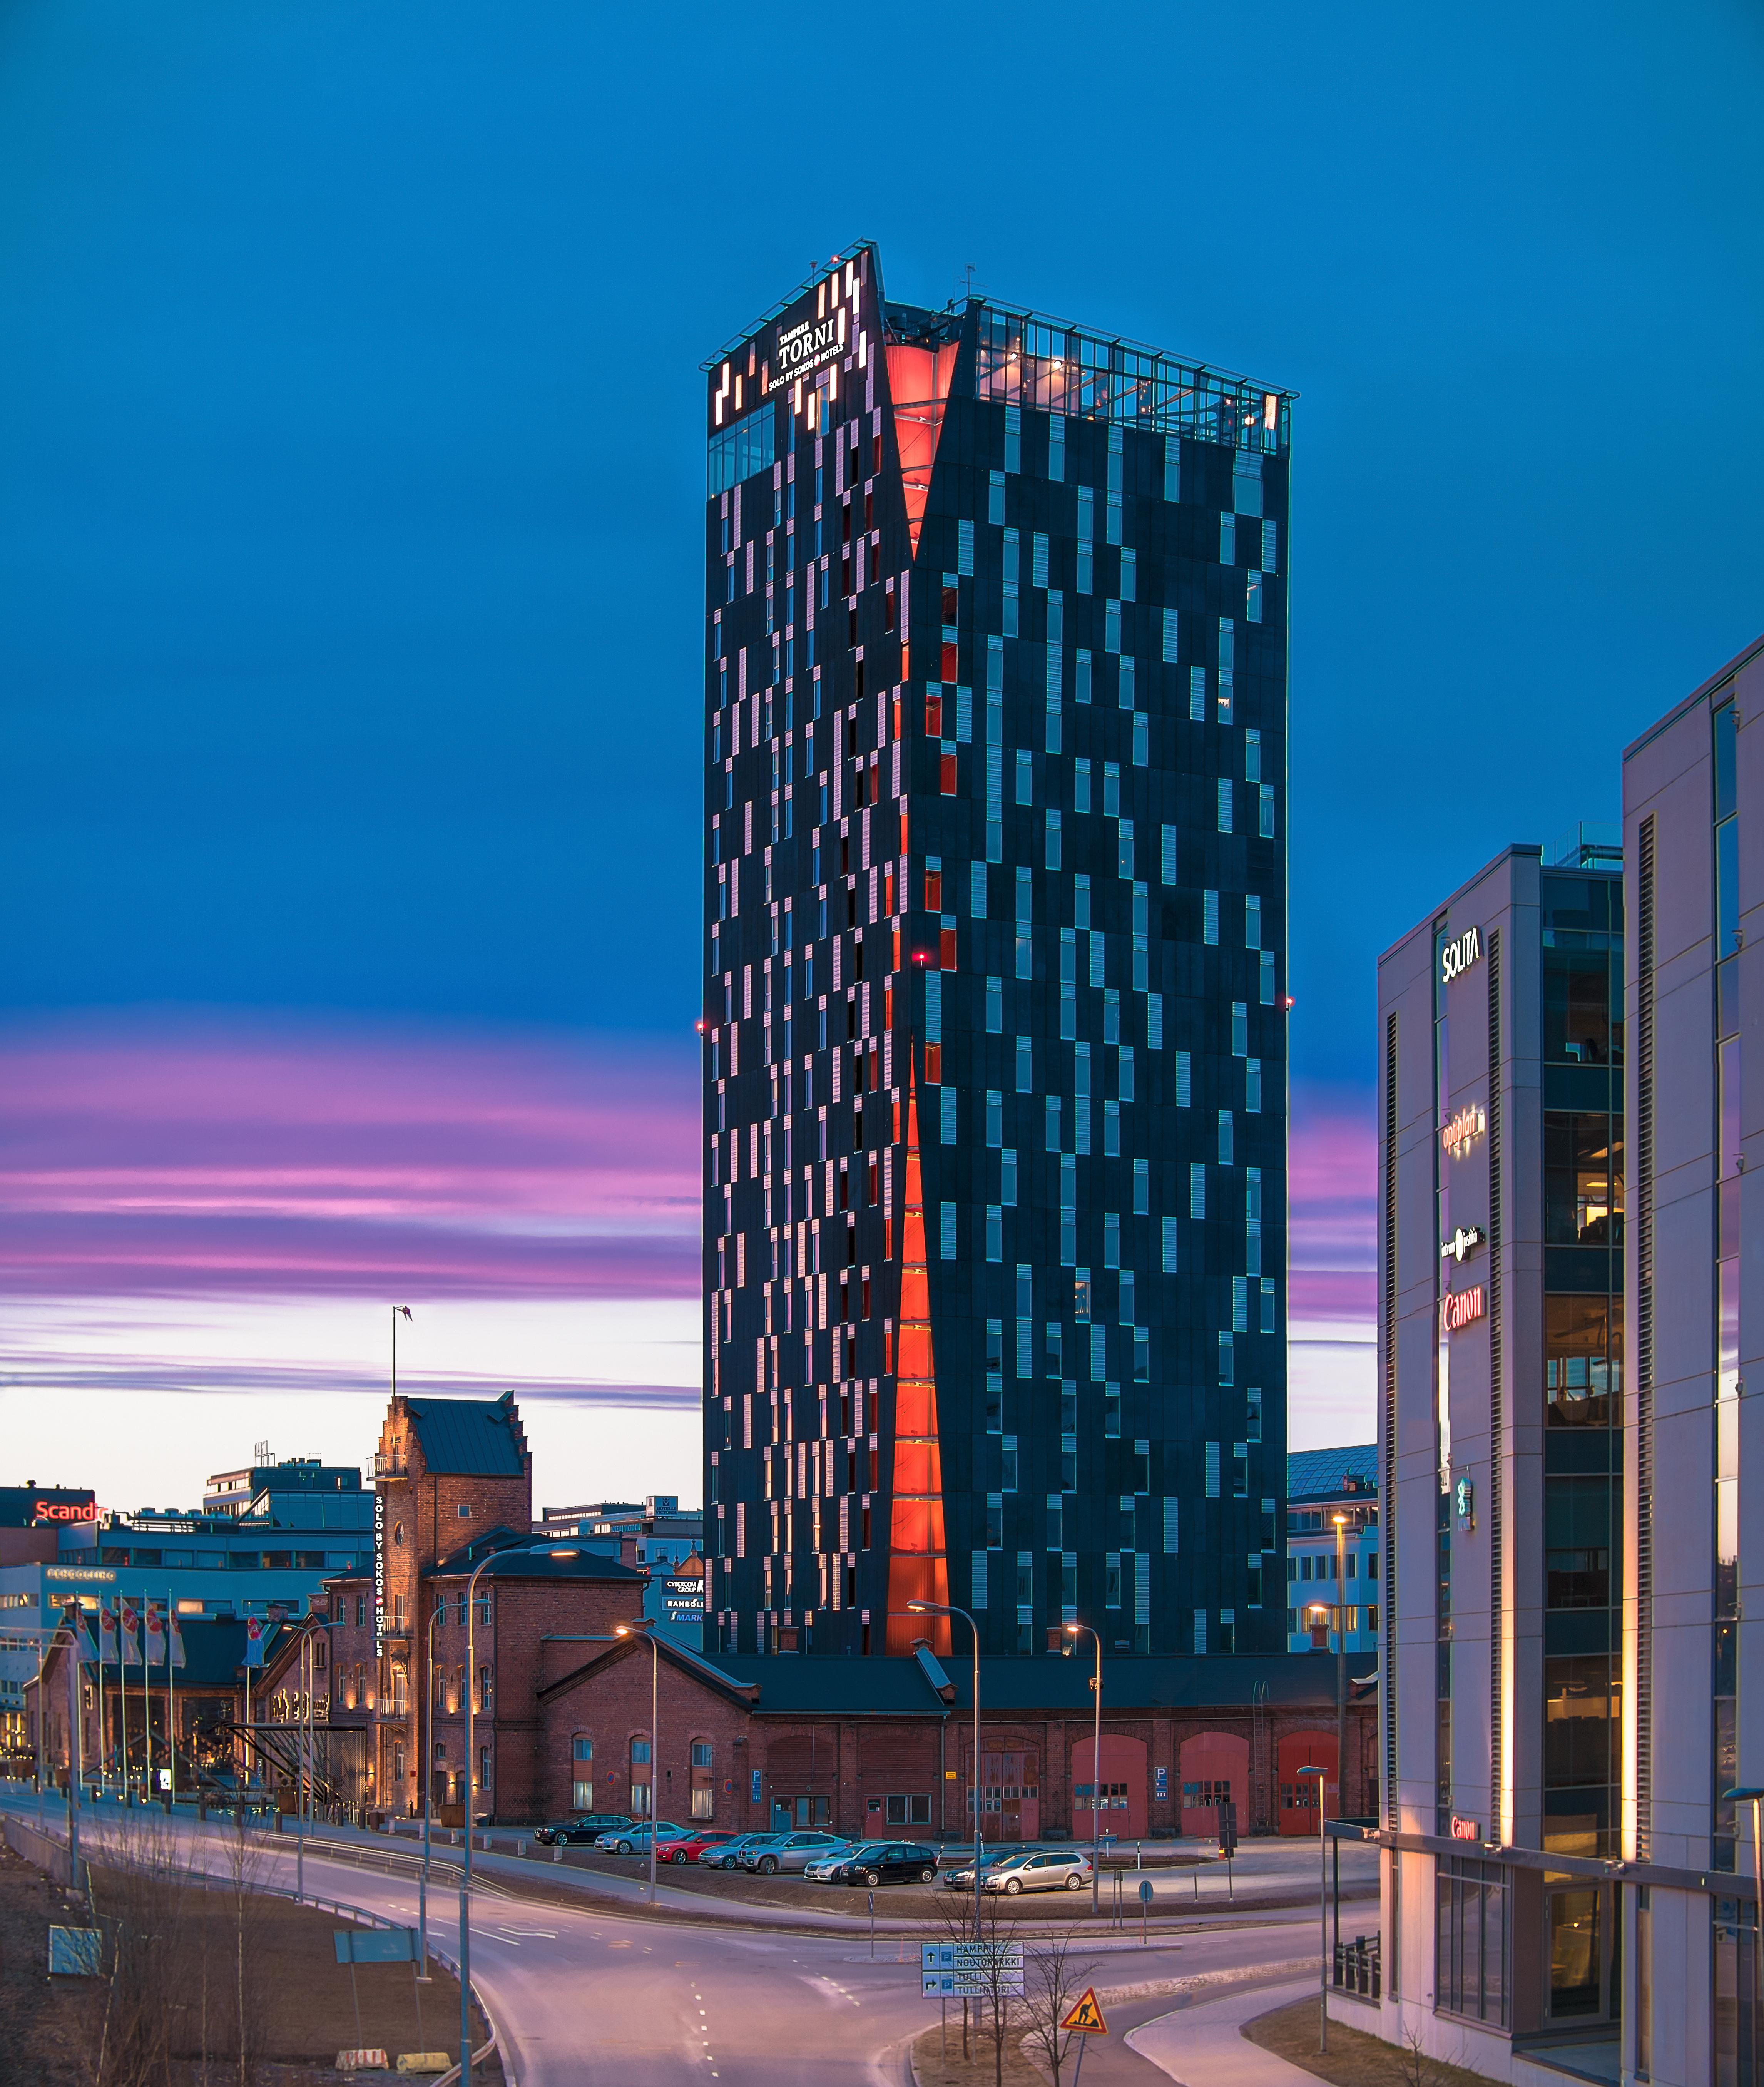 Tampere hotelli torni